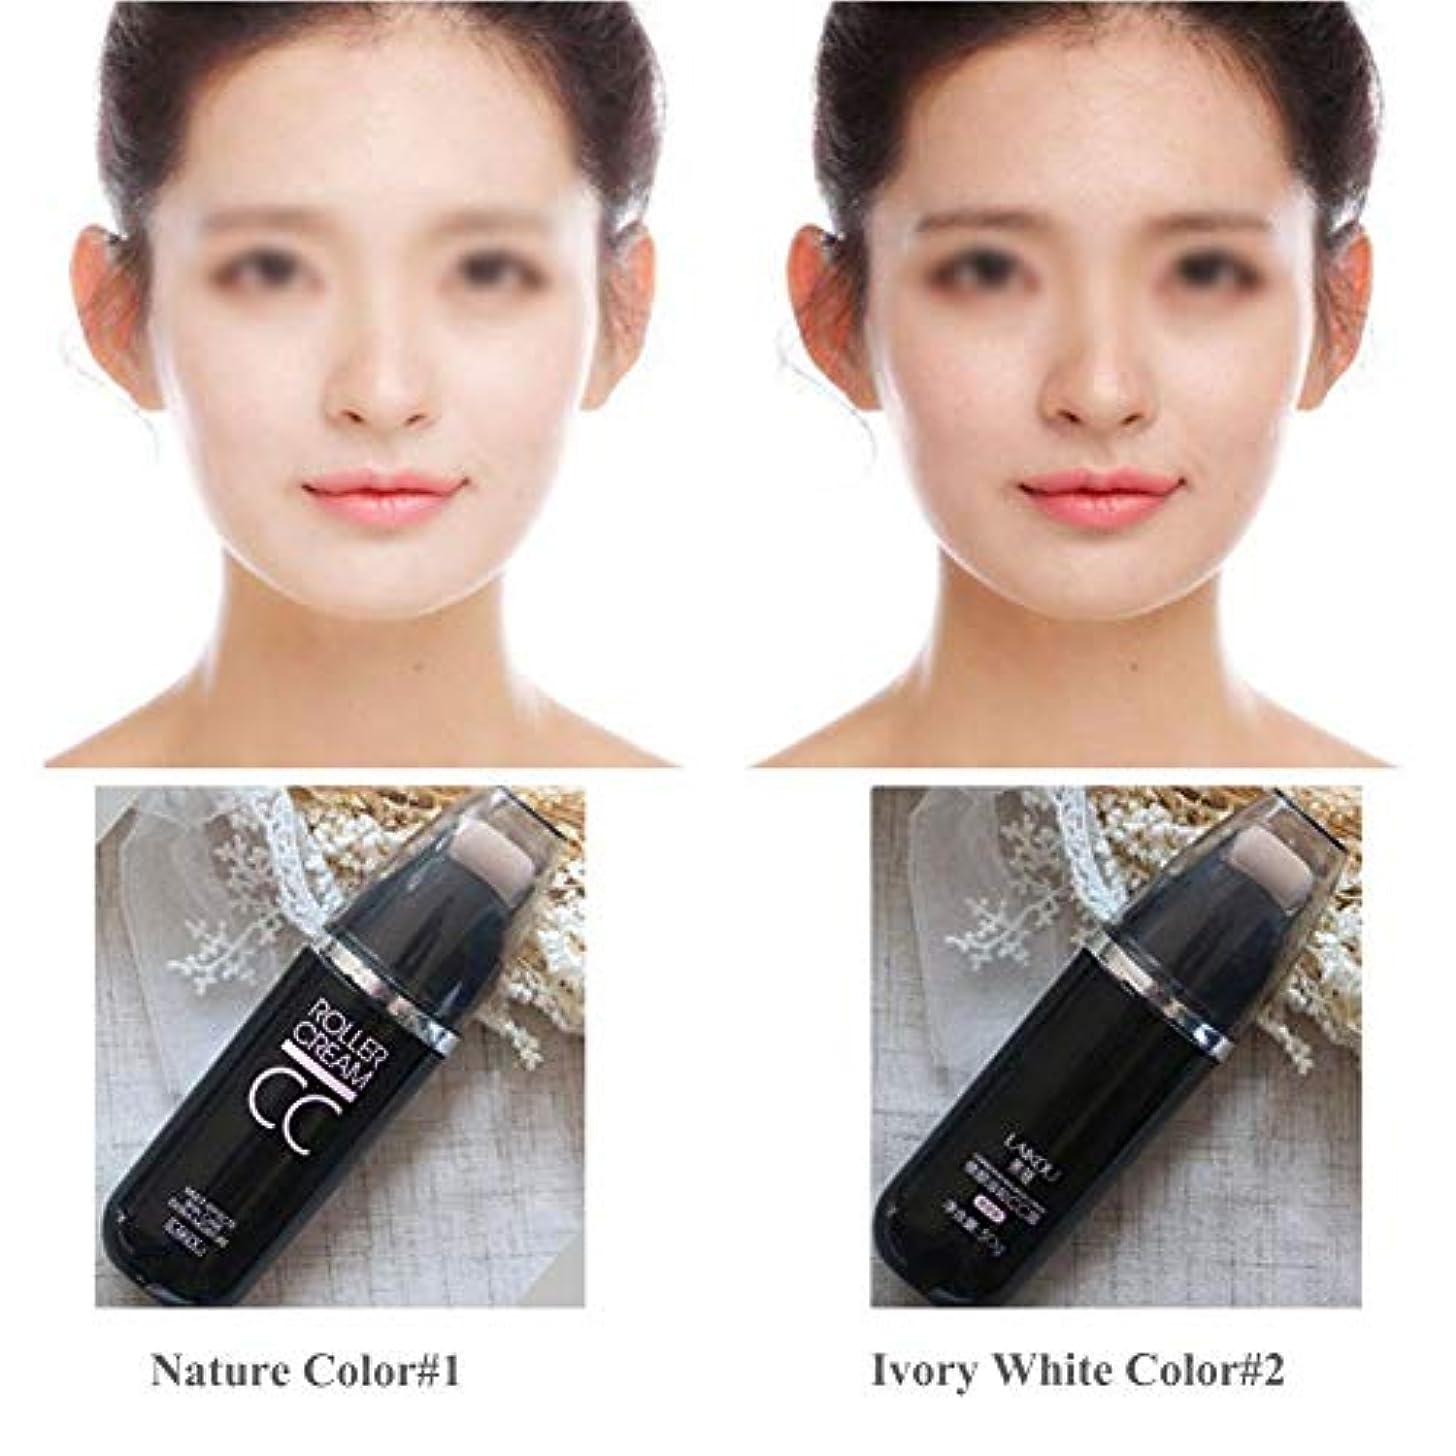 無傷掻くスキップ化粧ベース、BBクリームエアクッションBBクリームは肌を明るくし、シミや毛穴を覆い、絶妙な外観を作り出します。防水コンシーラーファンデーション(#2)